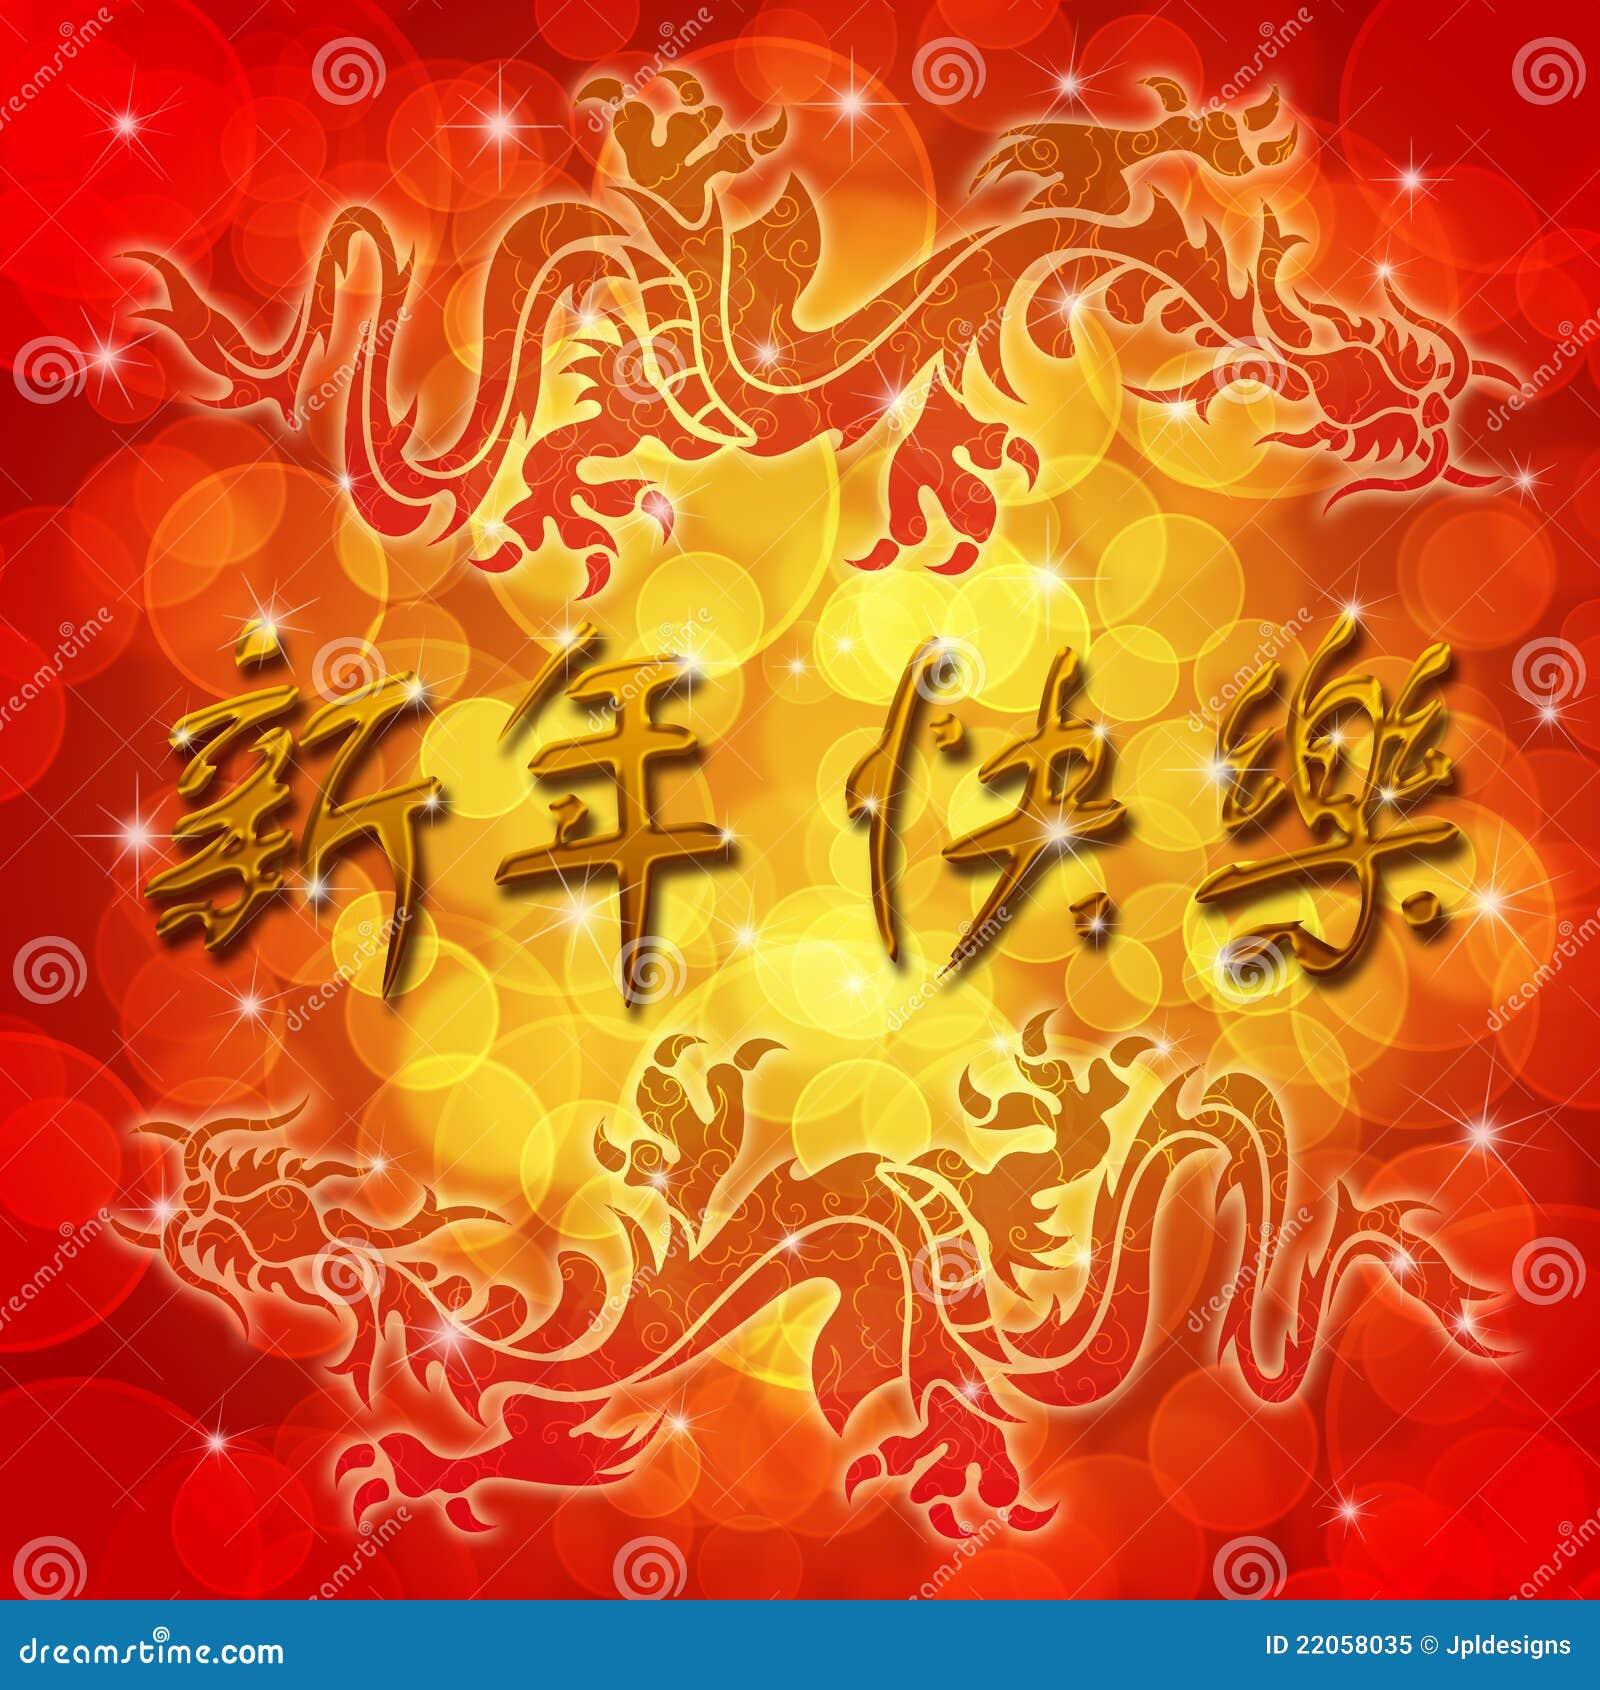 Doppelter Drache Mit Glücklichen Chinesischen Neues Jahr-Wünschen ...